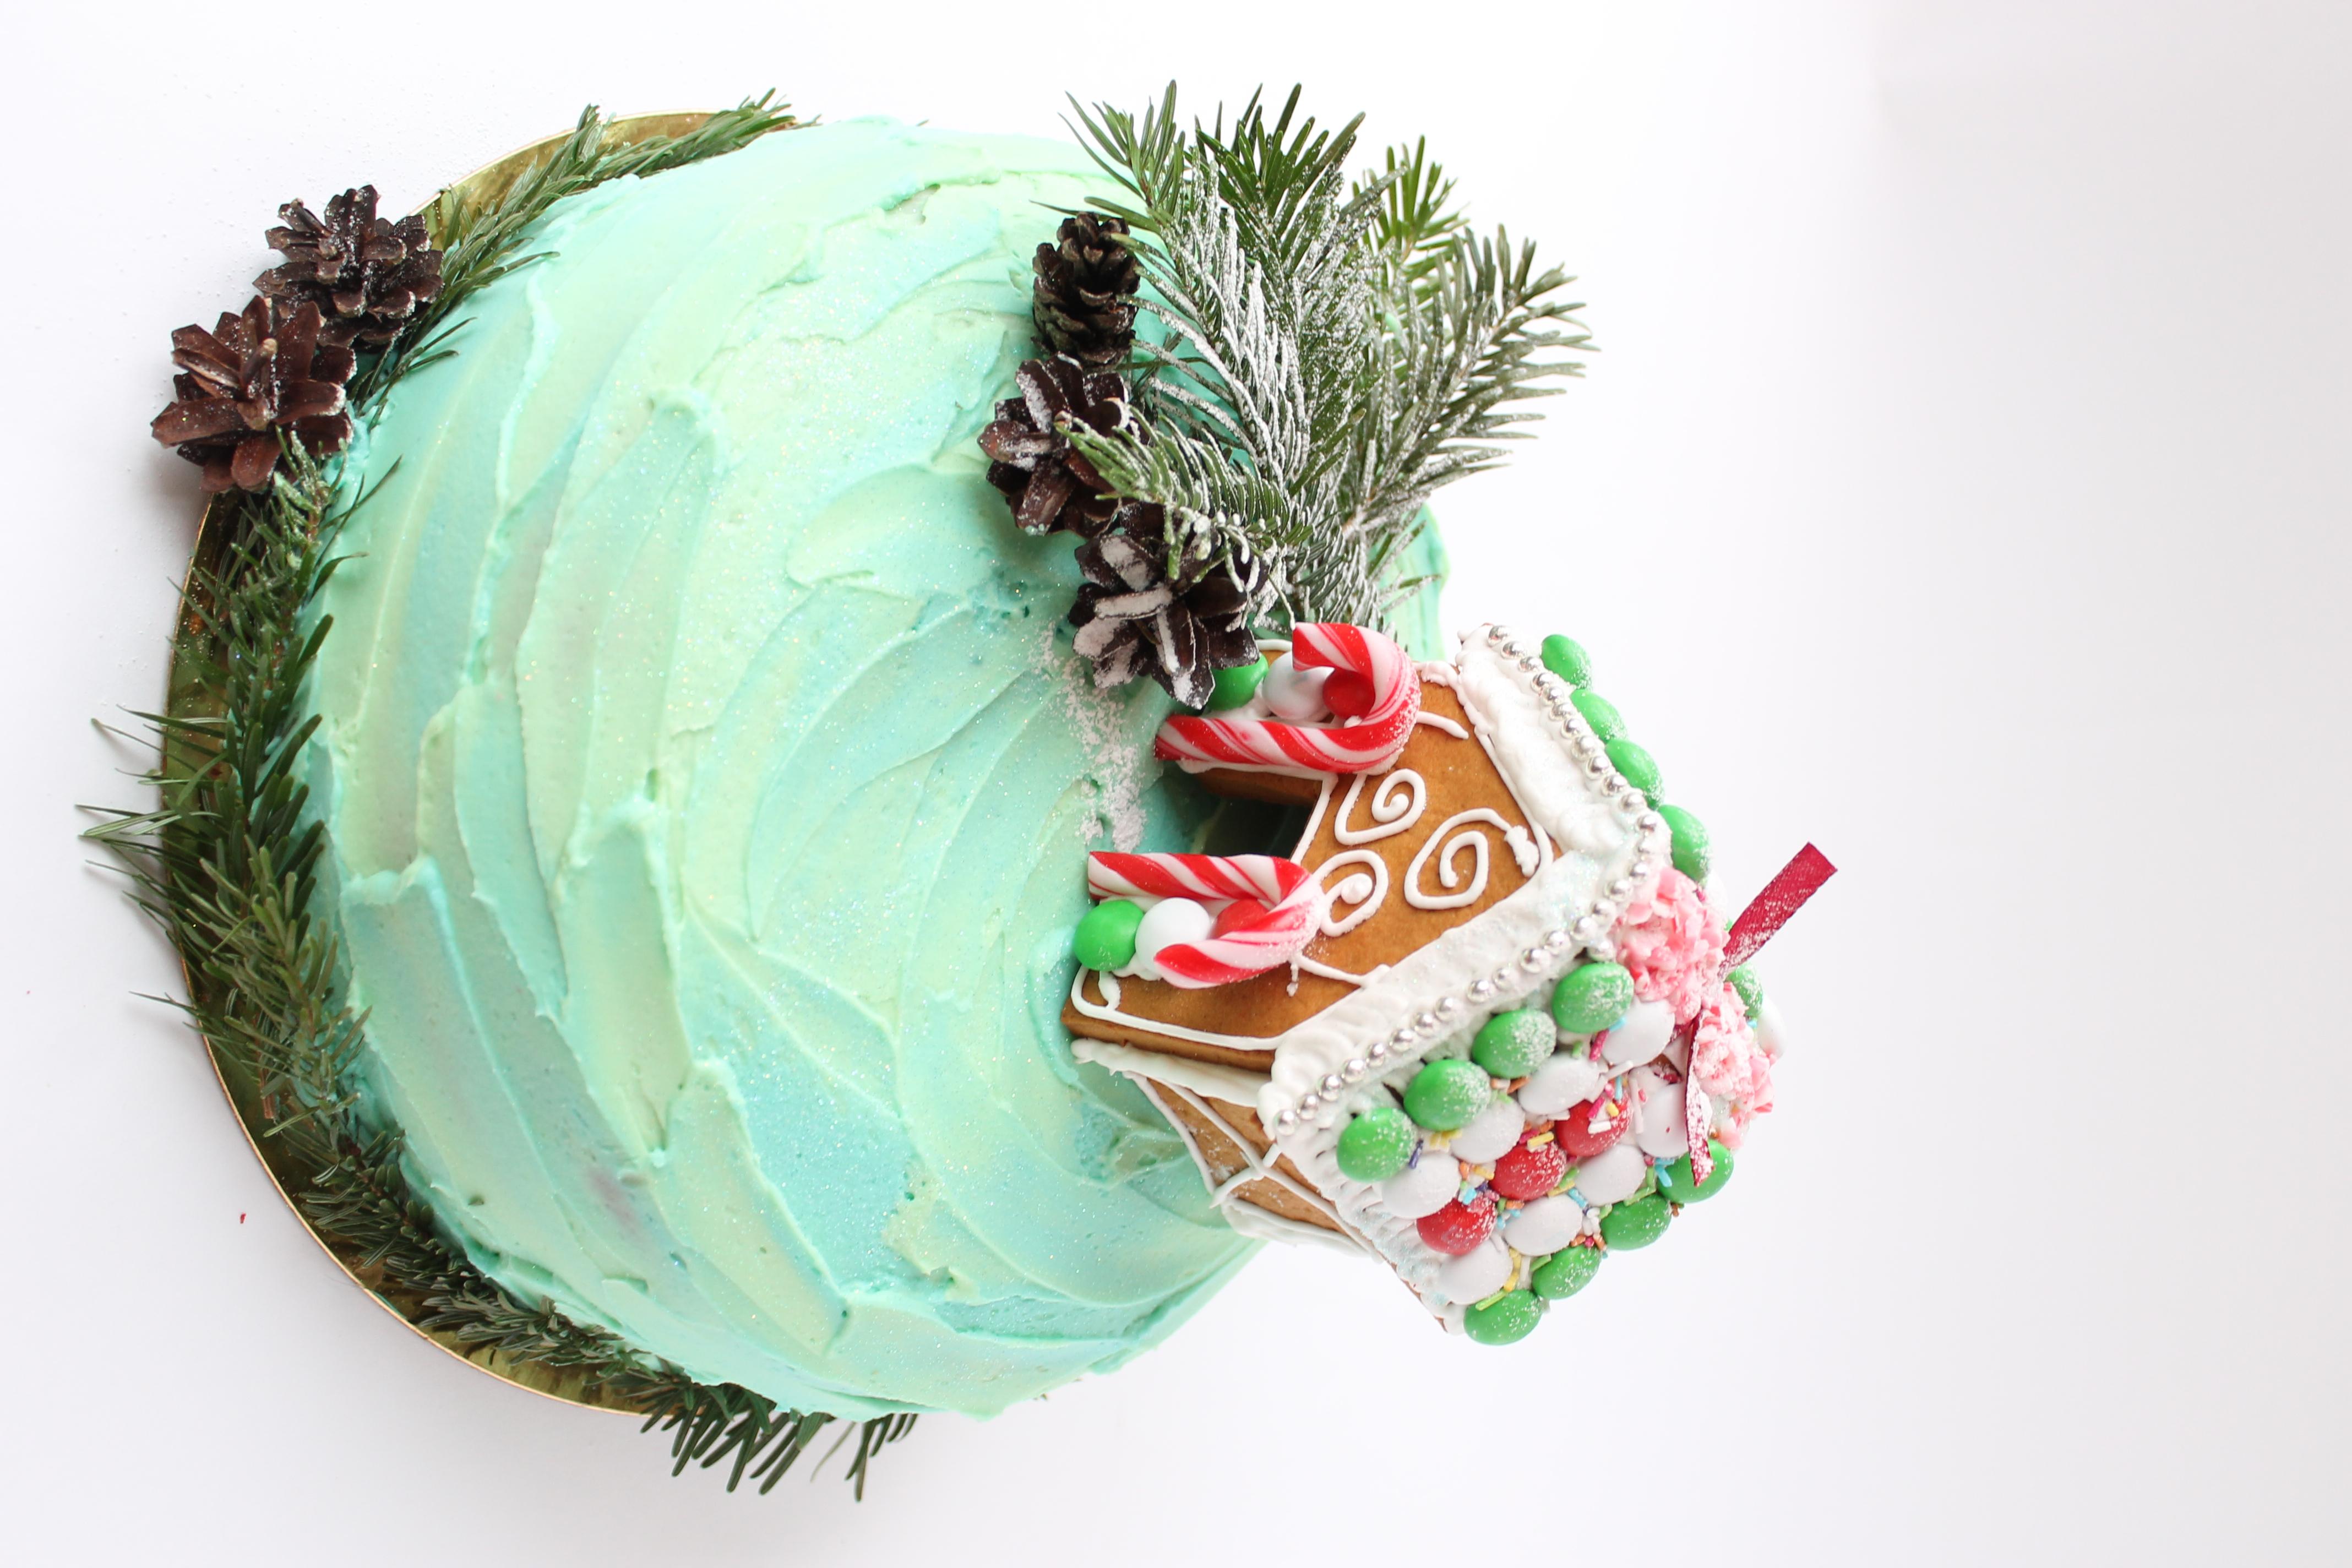 Сказочный зимний тортик для девочки родившейся в предовогоднюю пору.